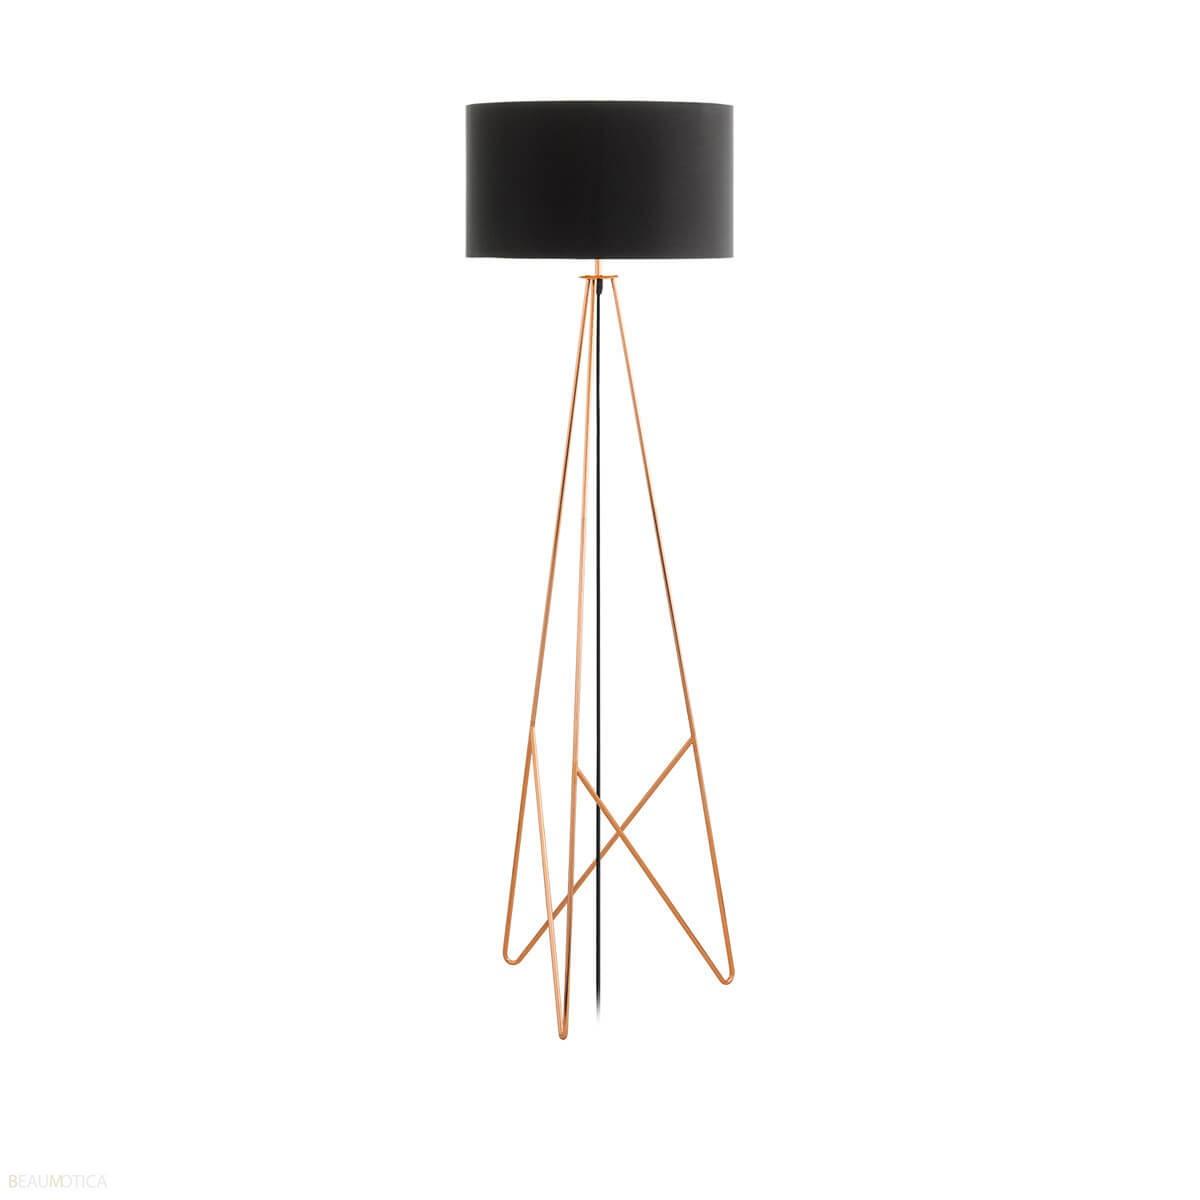 Afbeelding van Eglo Camporale Vloerlamp Zwart, Koper (ø45cm)